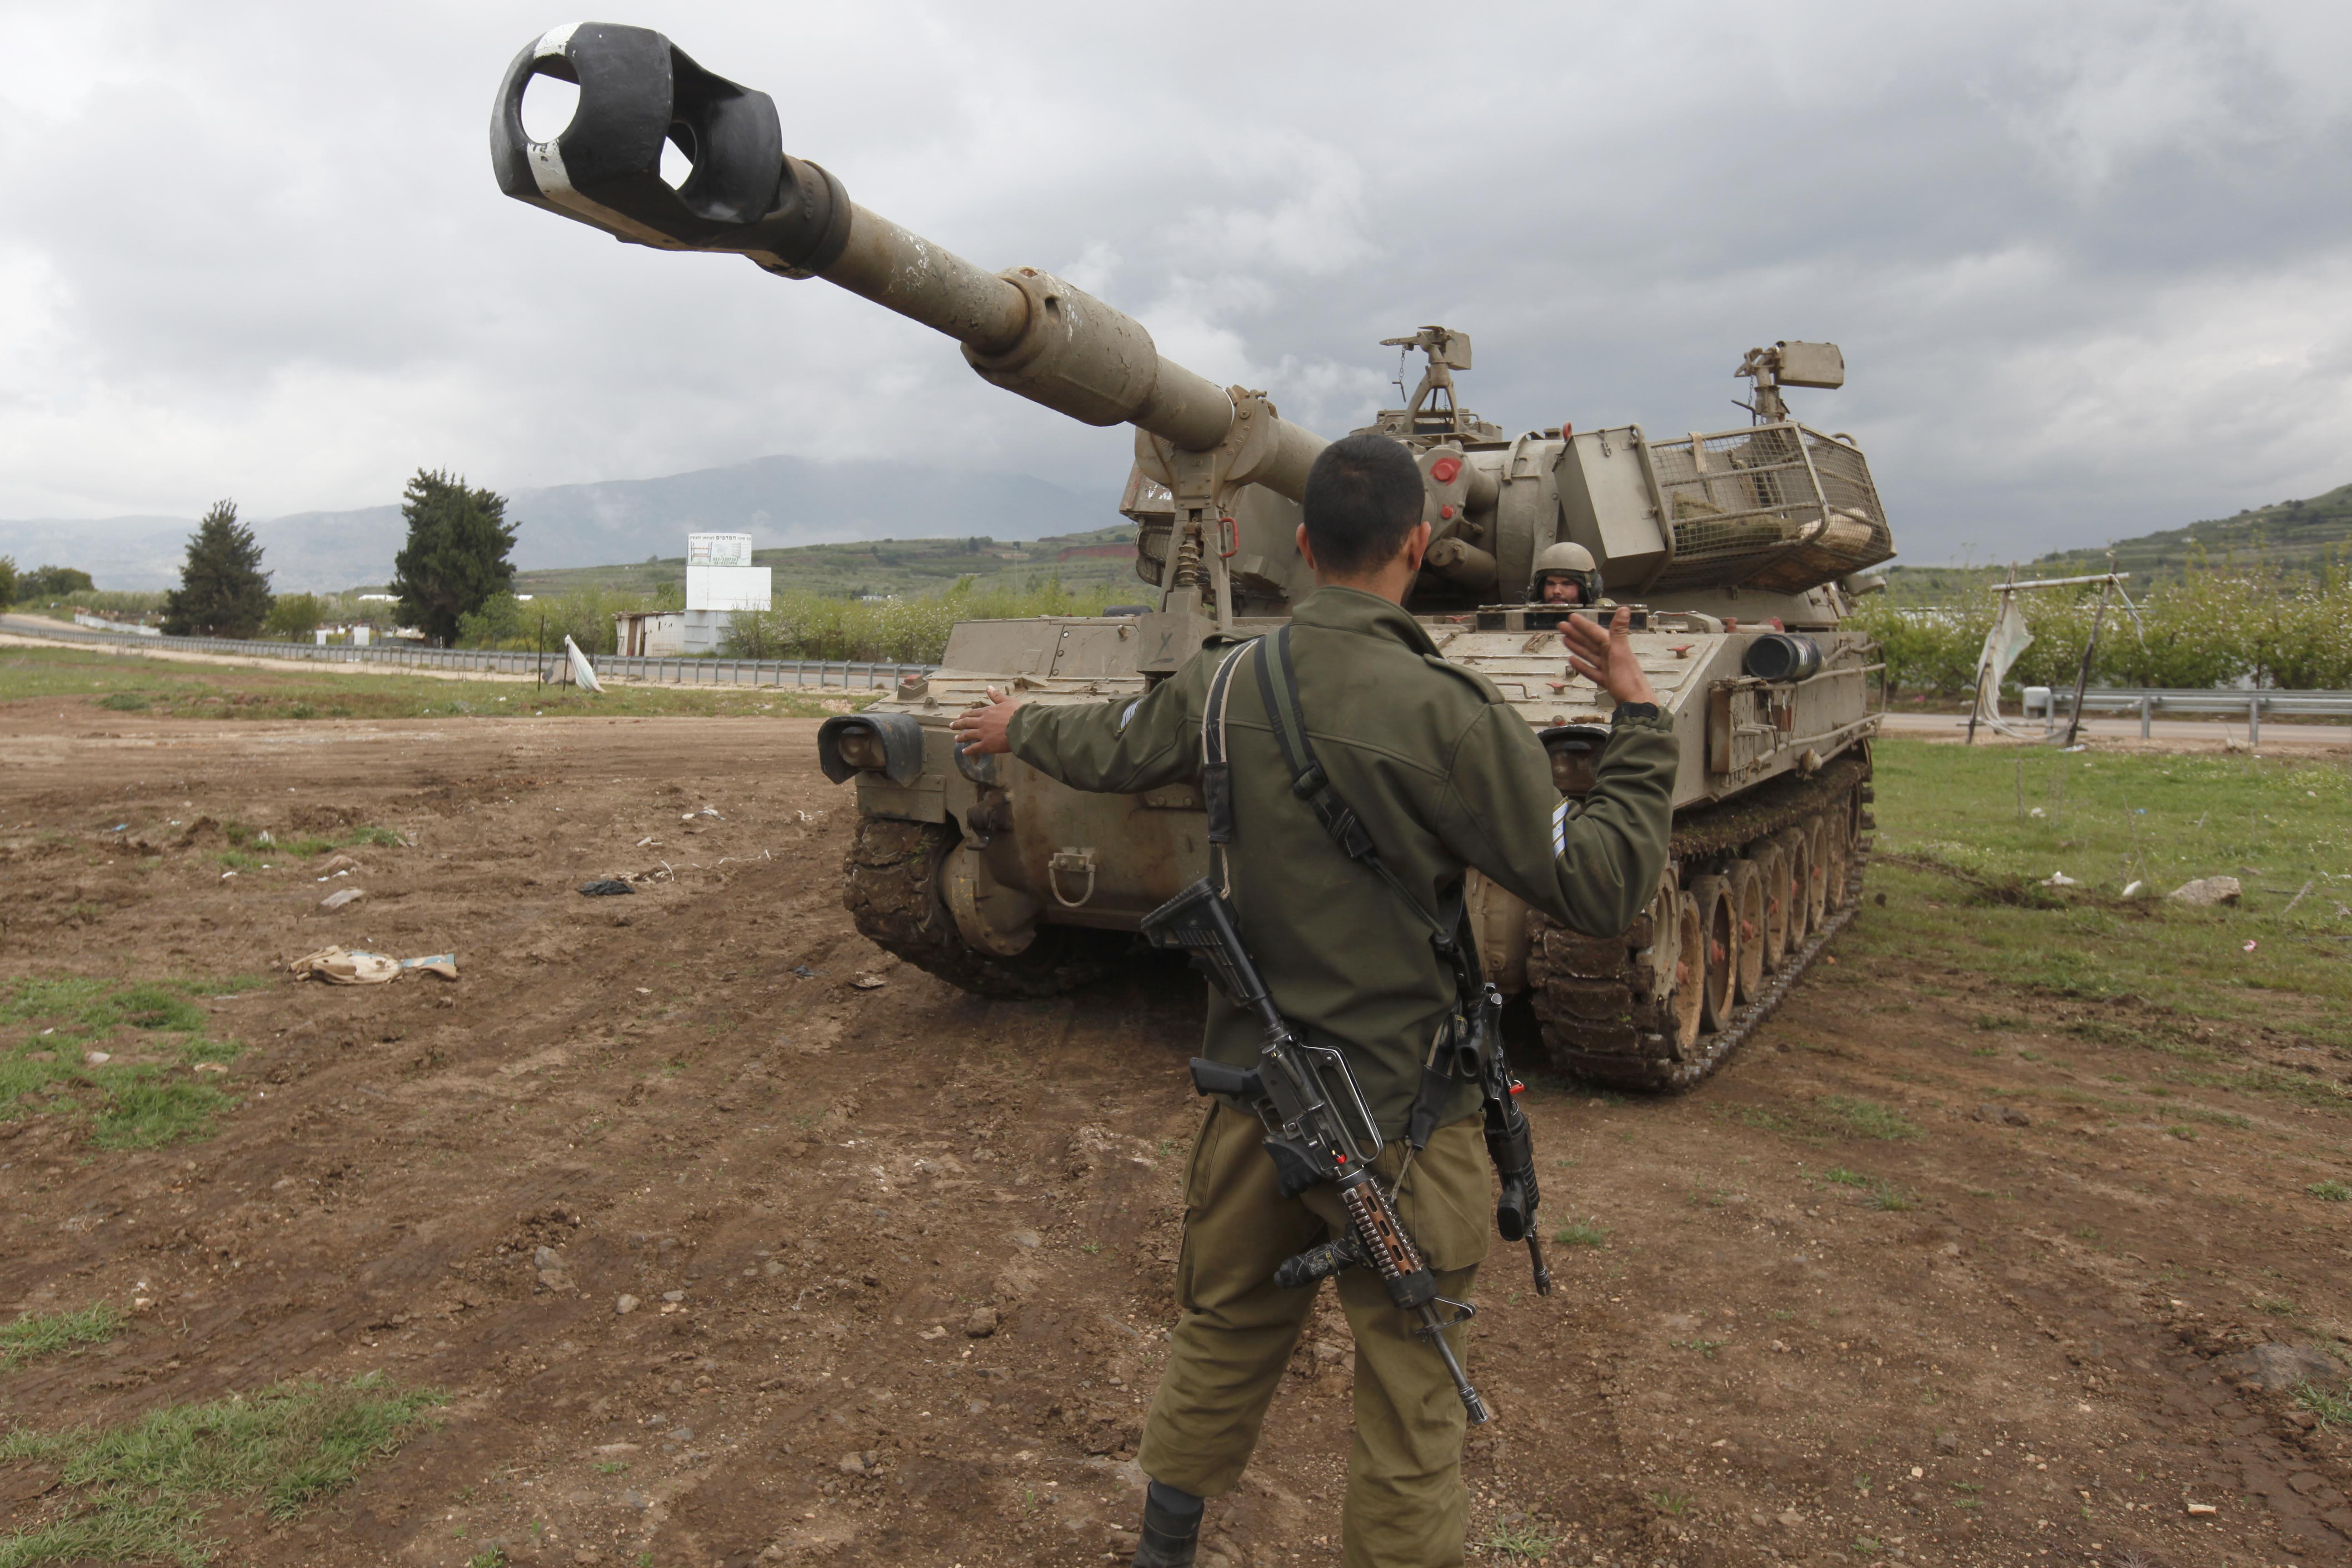 دبابة إسرائيلية في الجولان قرب الحدود السورية- أرشيف